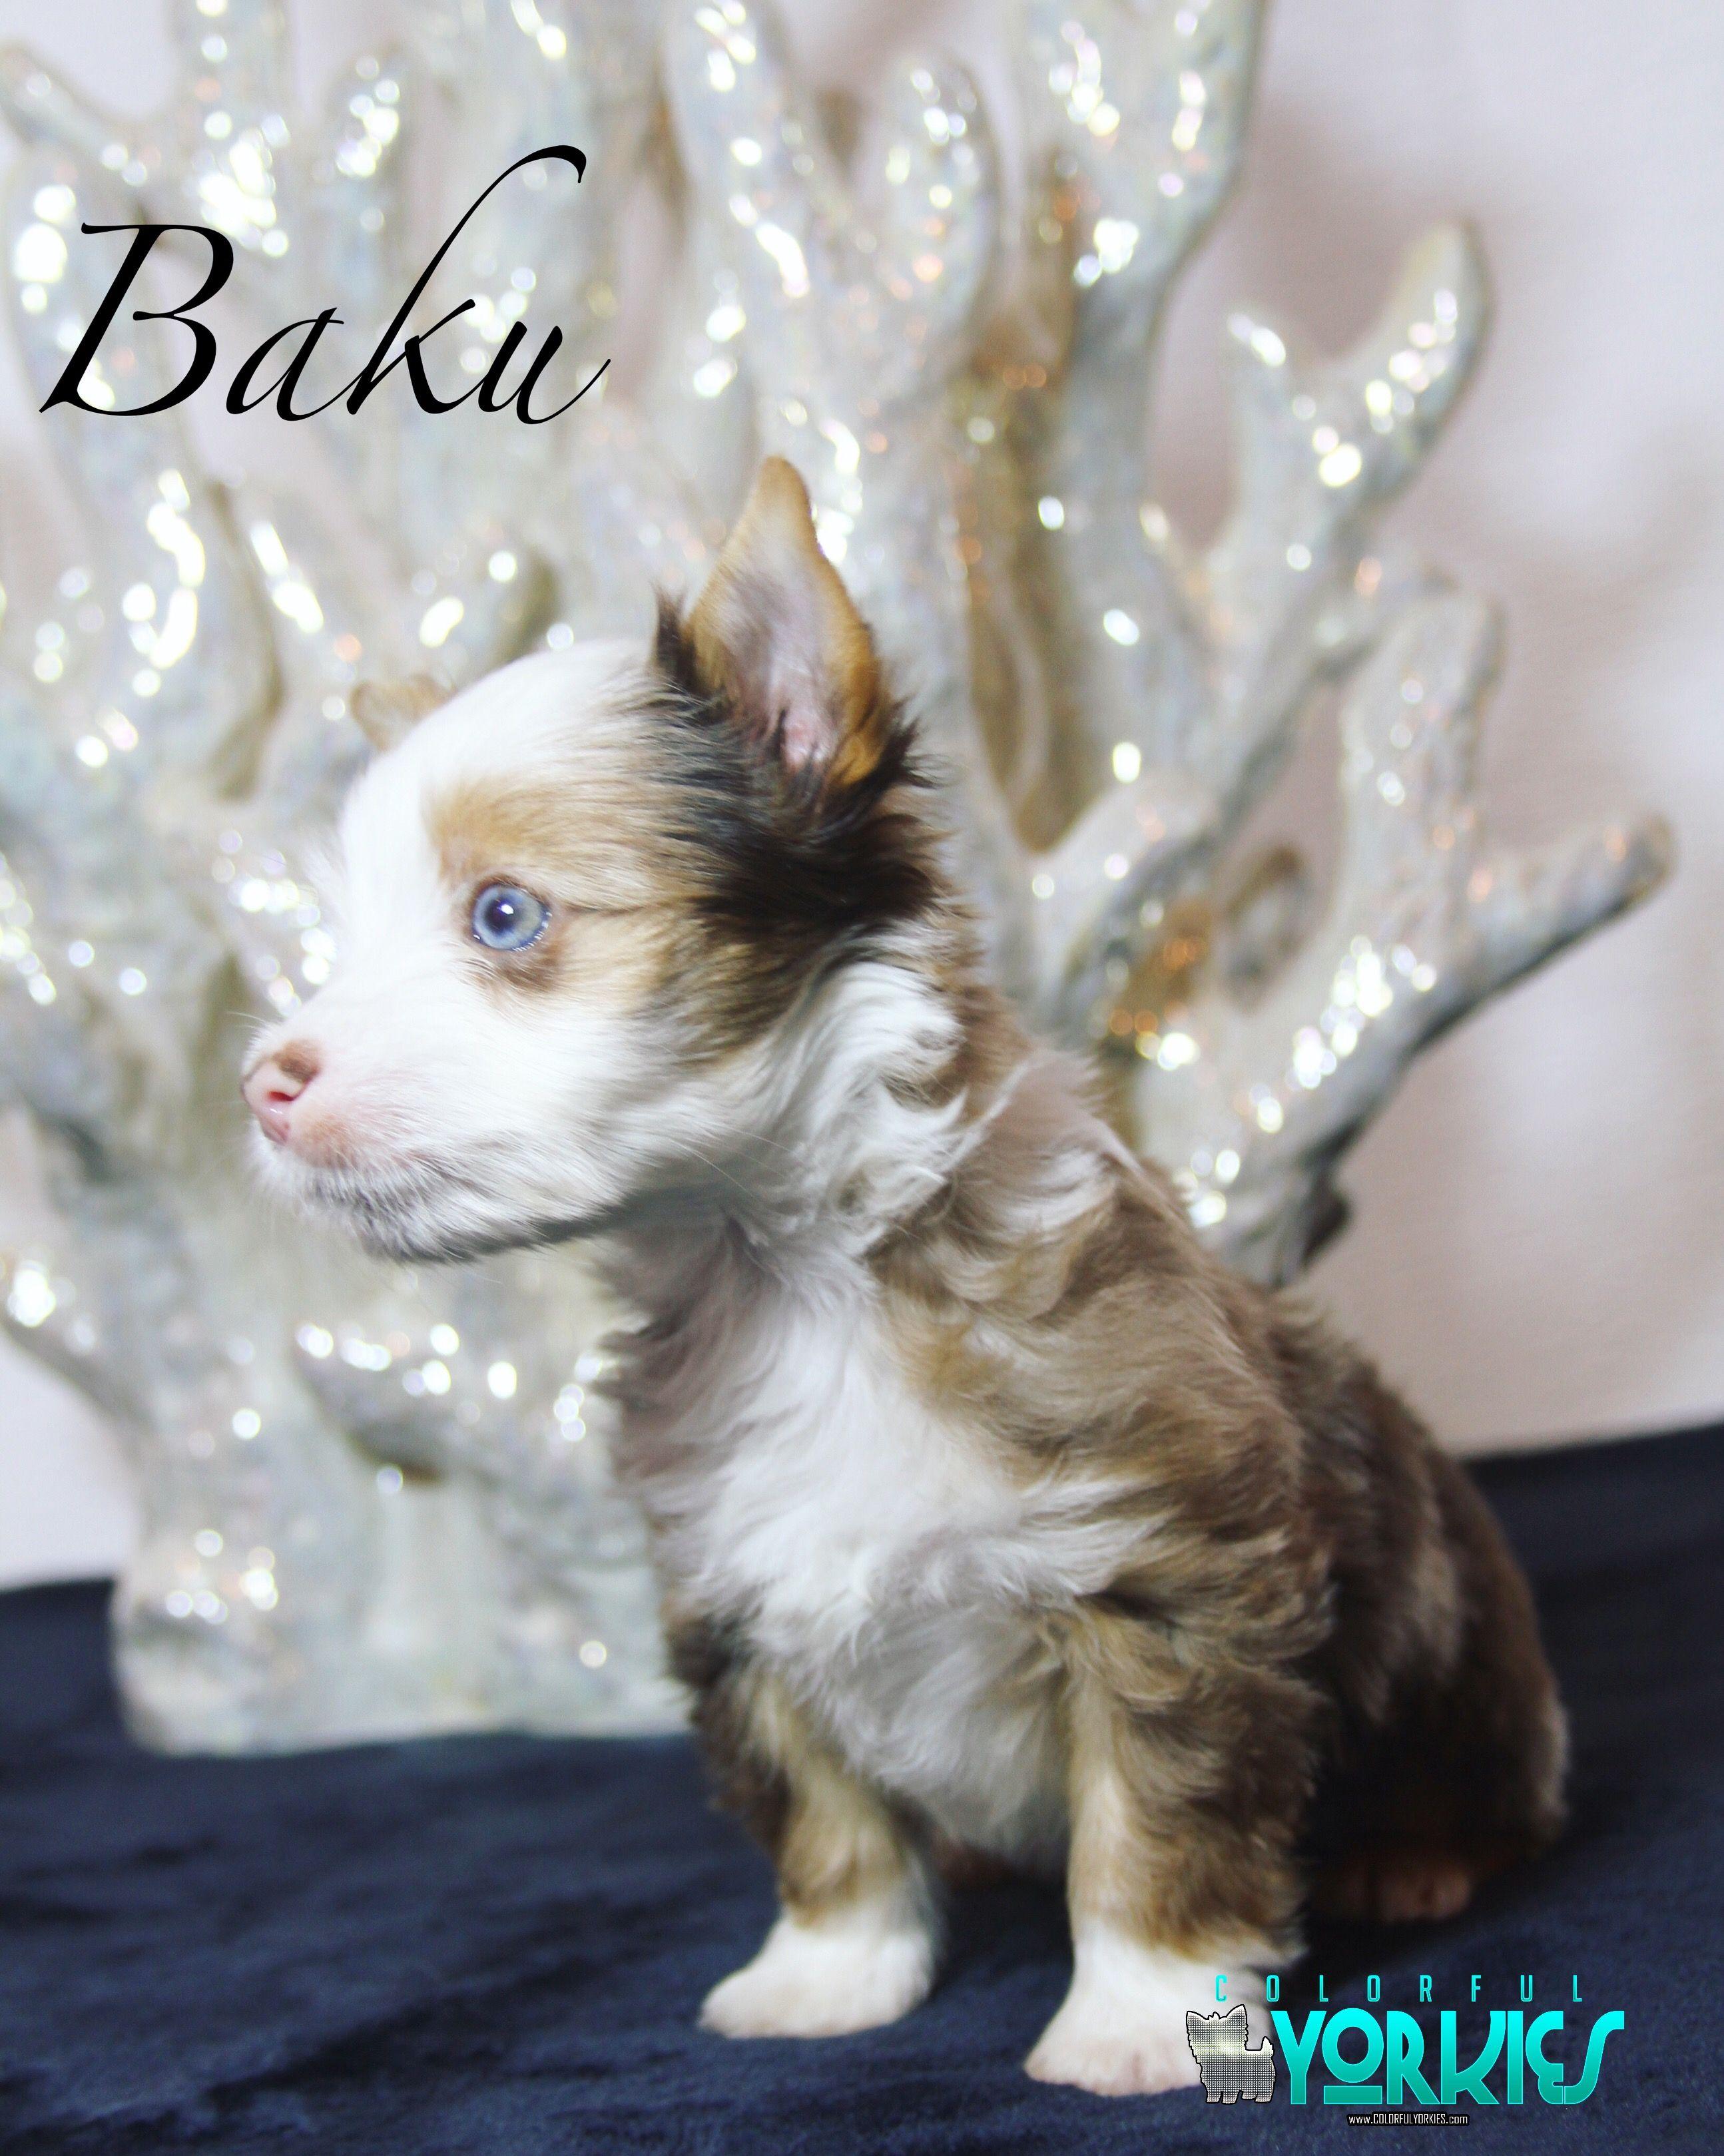 Baku Gorgeous Ocean Blue Diamond Chocolate Tweed Merle Yorkie Colorfulyorkies Com Yorkie Biewer Yorkie Beautiful Dogs